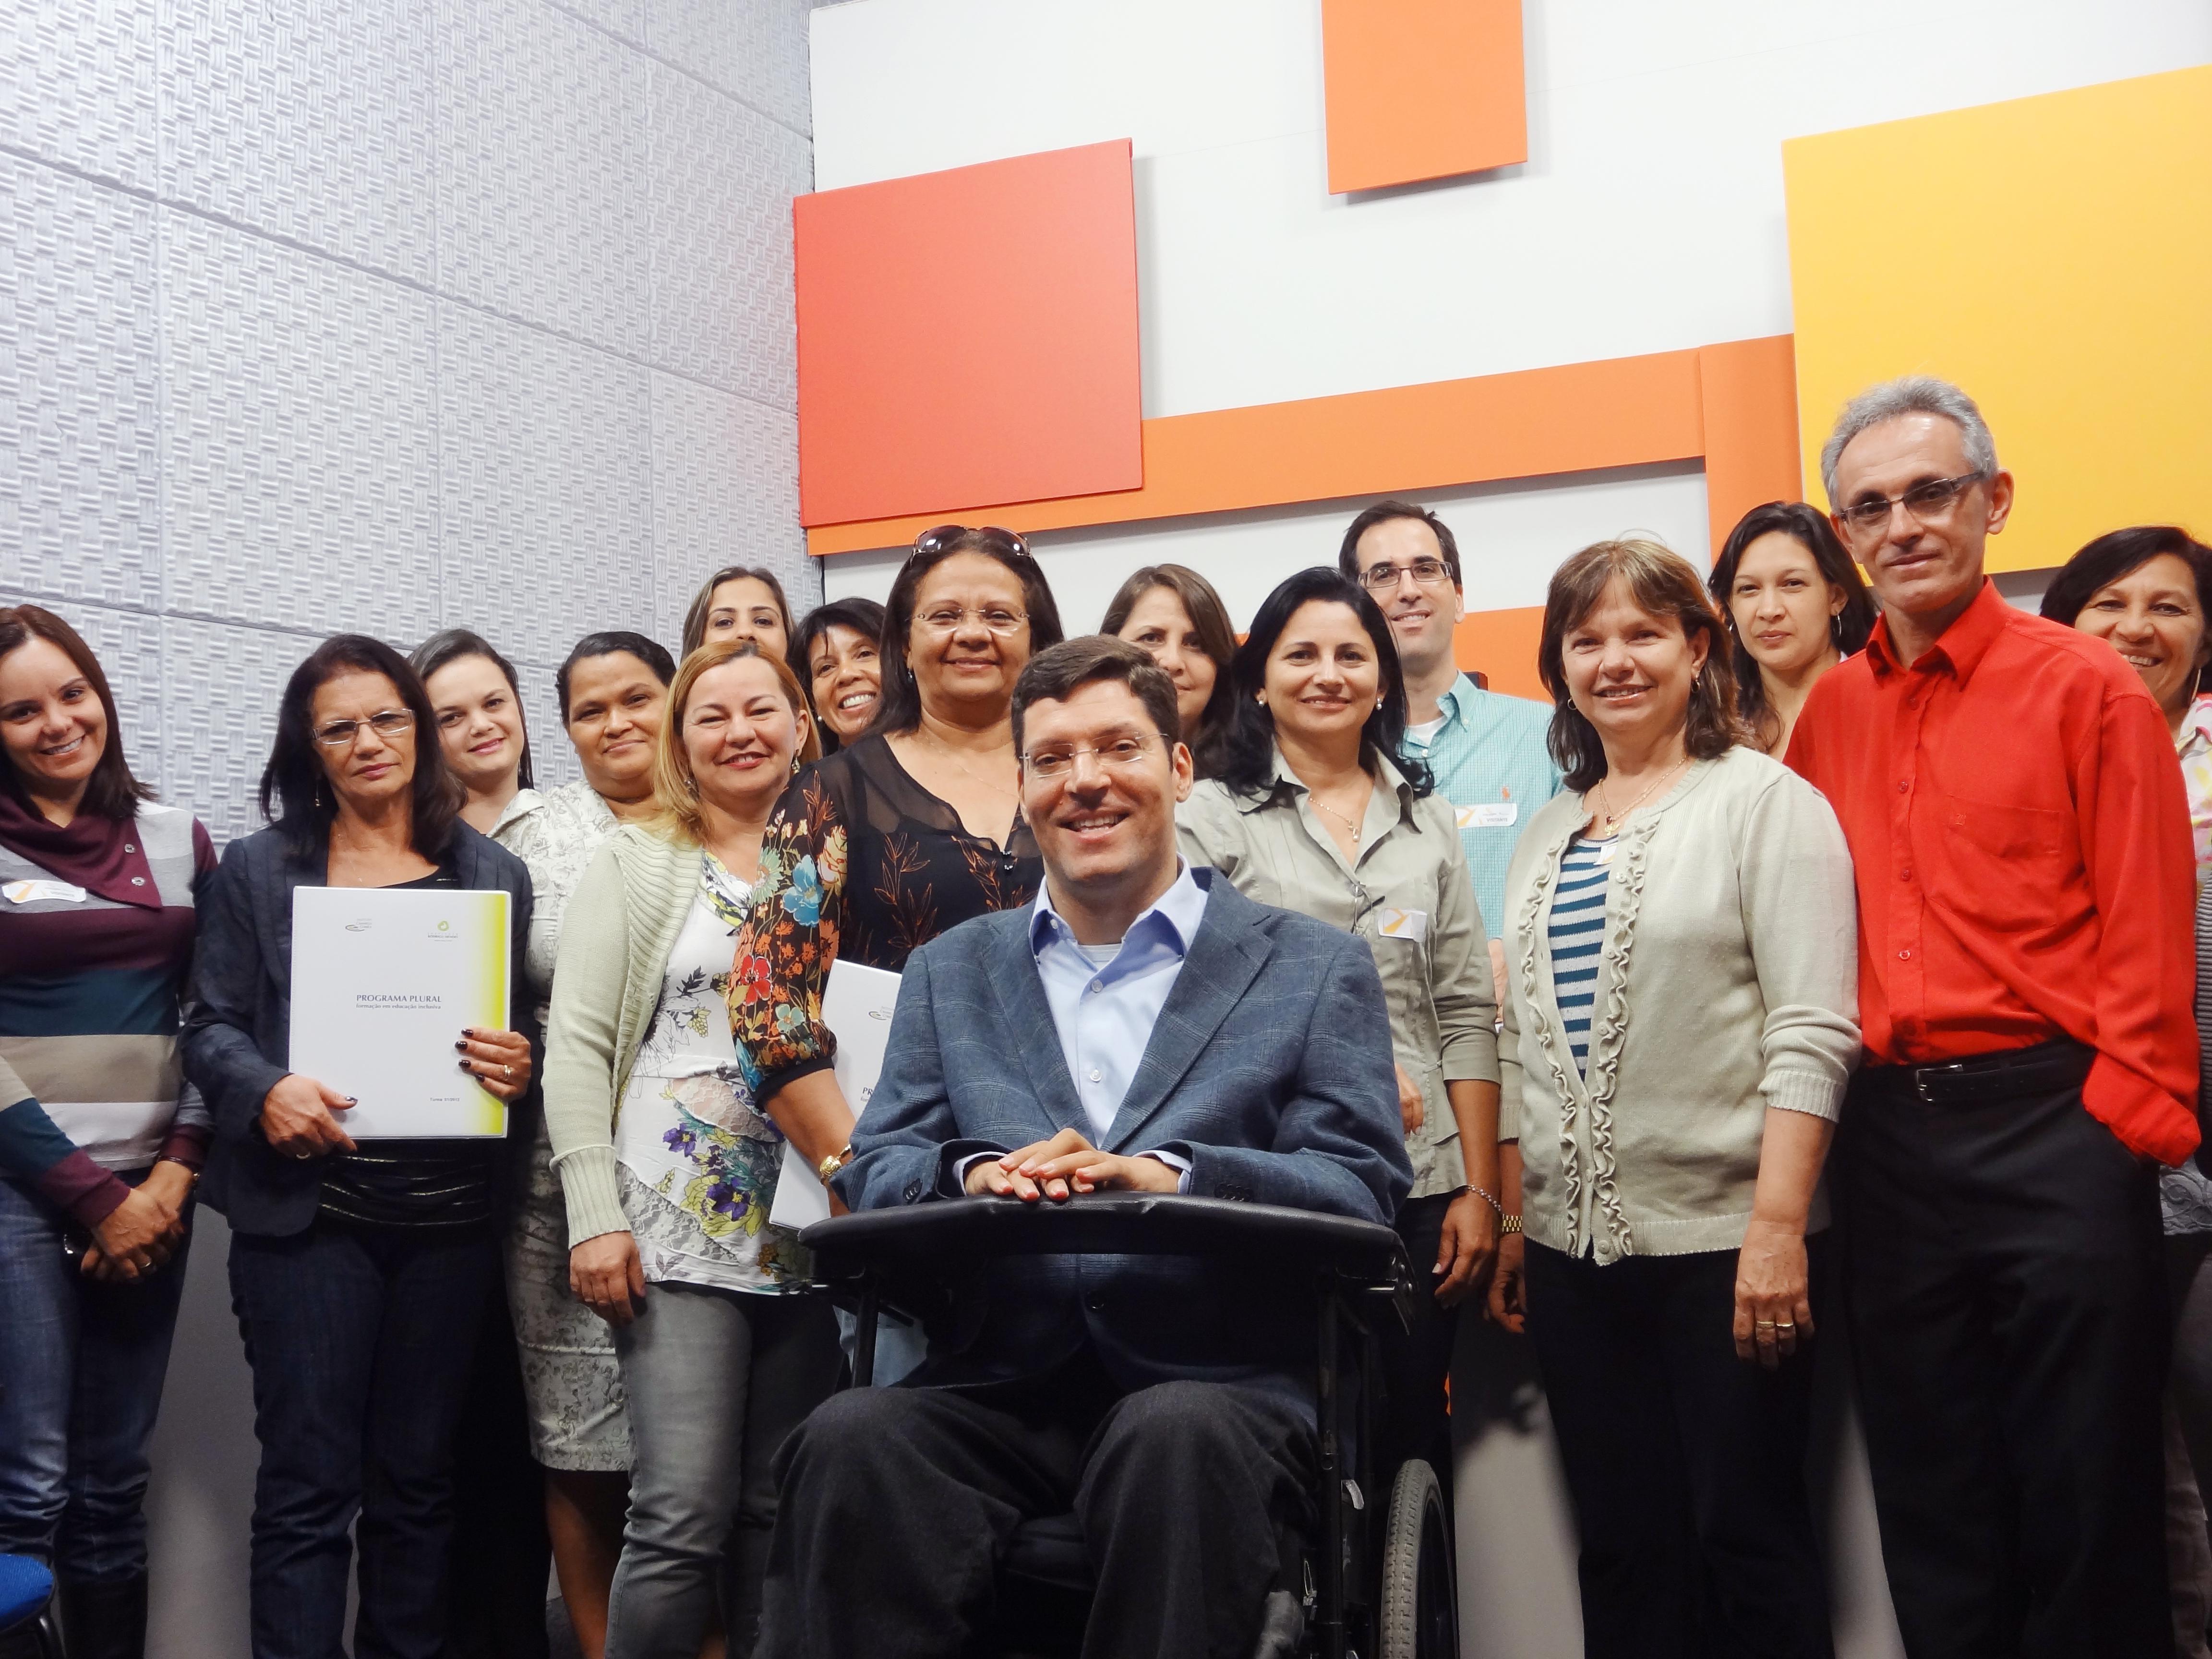 Grupo de mulheres e homens sorriem para foto dentro de sala iluminada e com paredes coloridas. À frente deles está Rodrigo, sorridente, em sua cadeira de rodas.